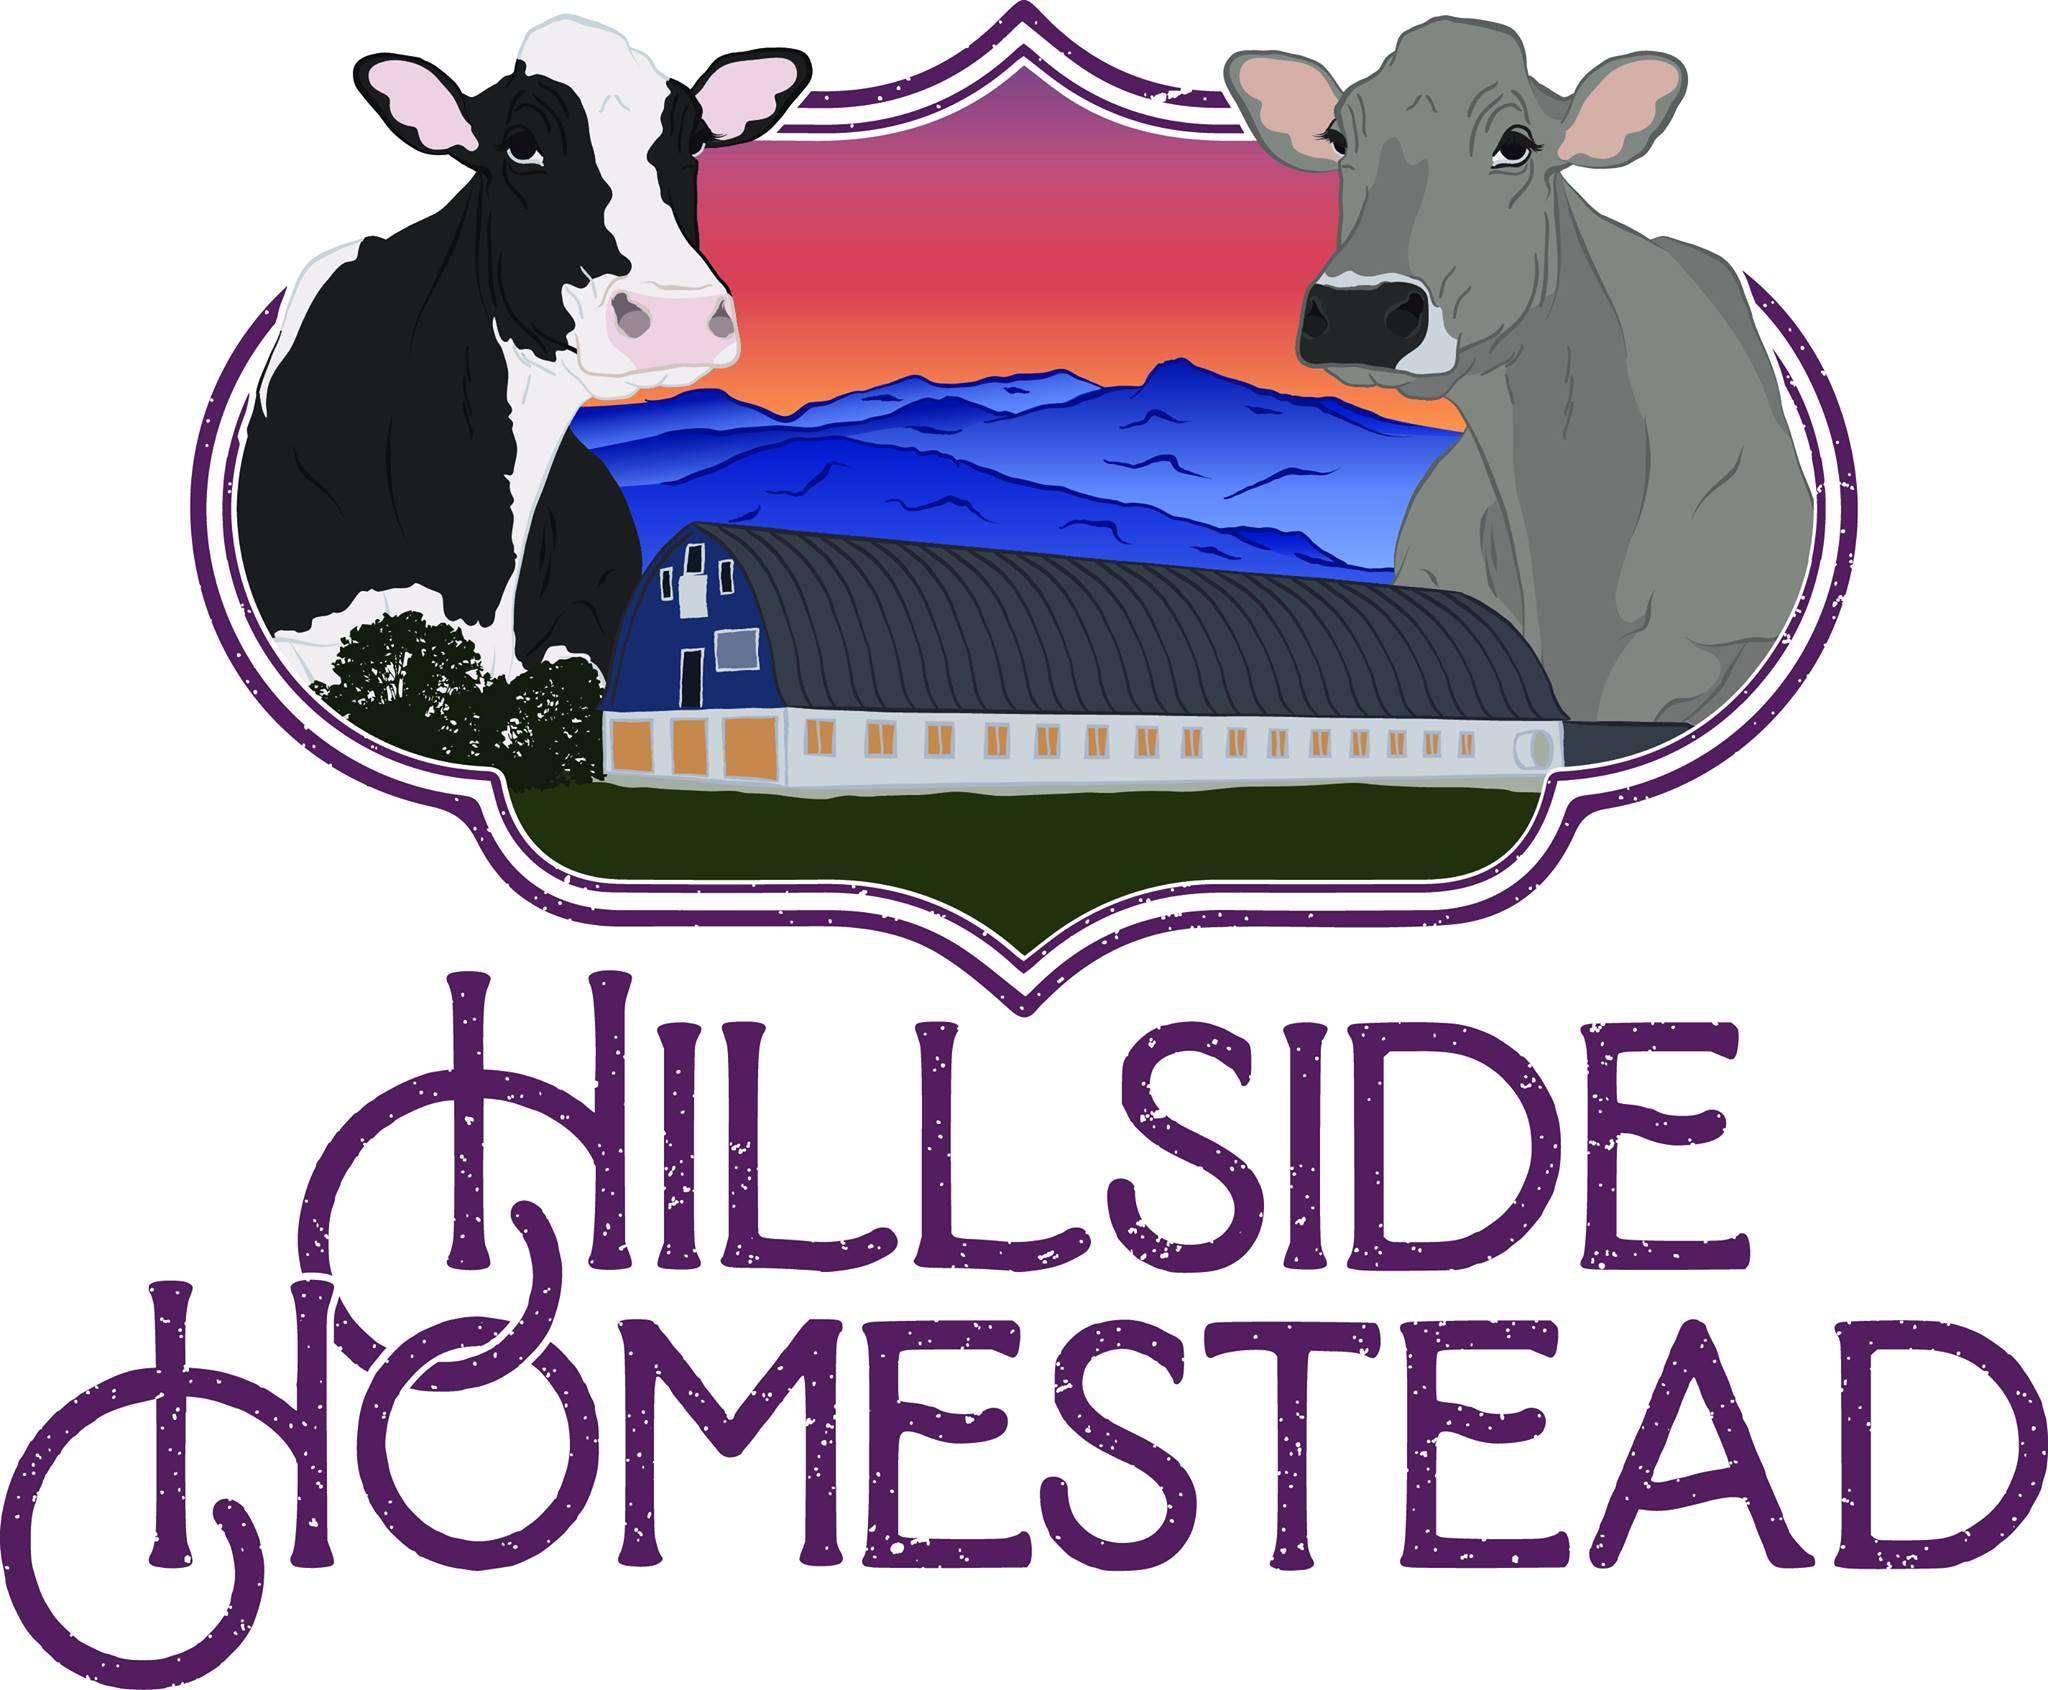 Hillside Homestead - Albany, VT